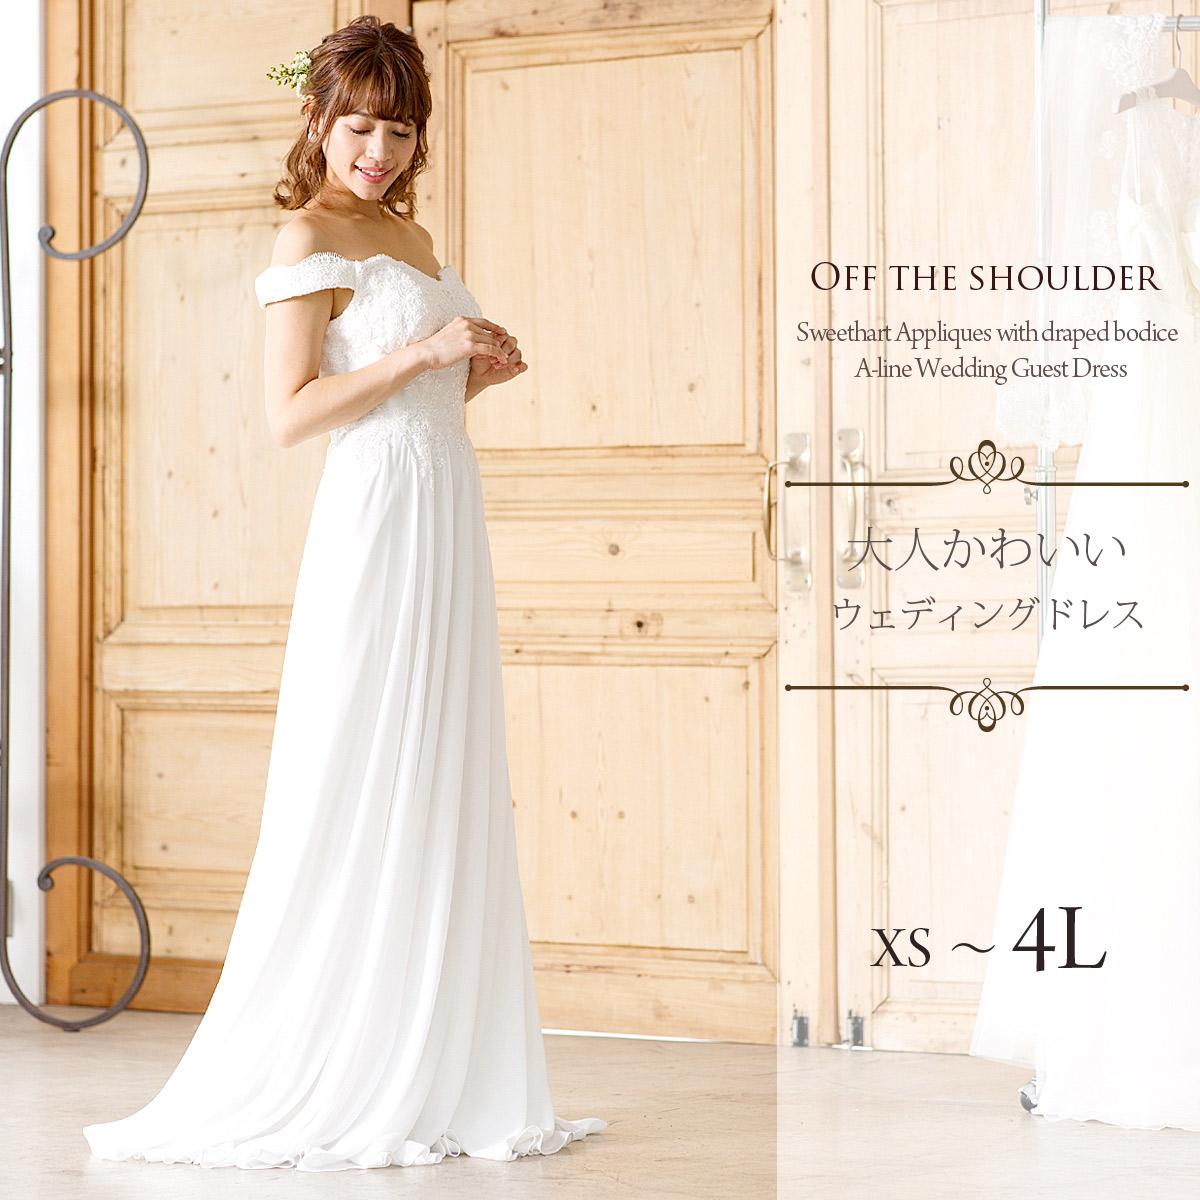 5cc51599a6afb オフショル ドレス パーティードレス デコルテ ウエディング 白 上品 華やか LL 3L 4L 刺繍 ホワイト